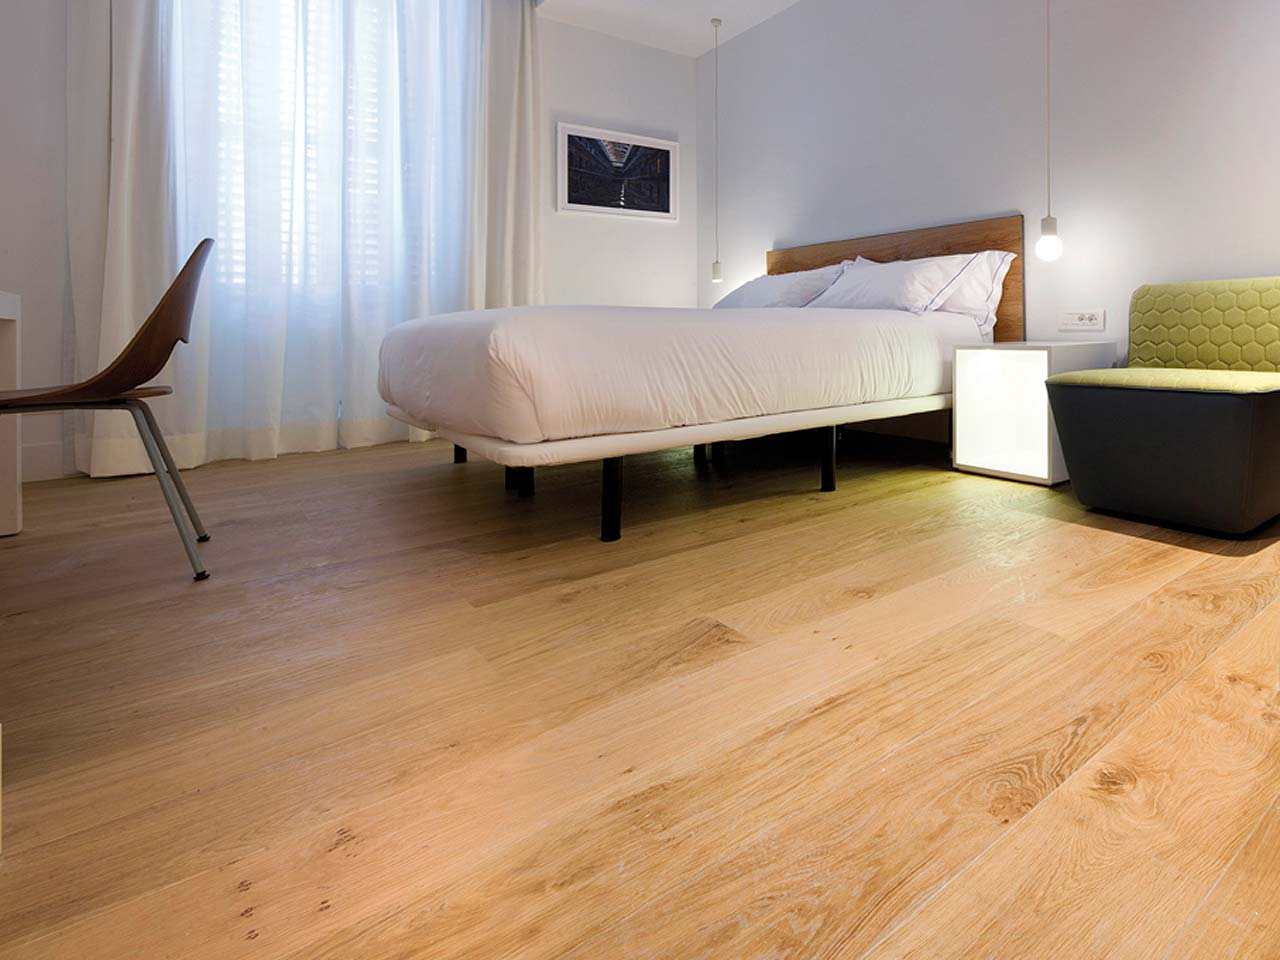 dormitorio style contemporaneo color marron verde marron blanco negro. Black Bedroom Furniture Sets. Home Design Ideas